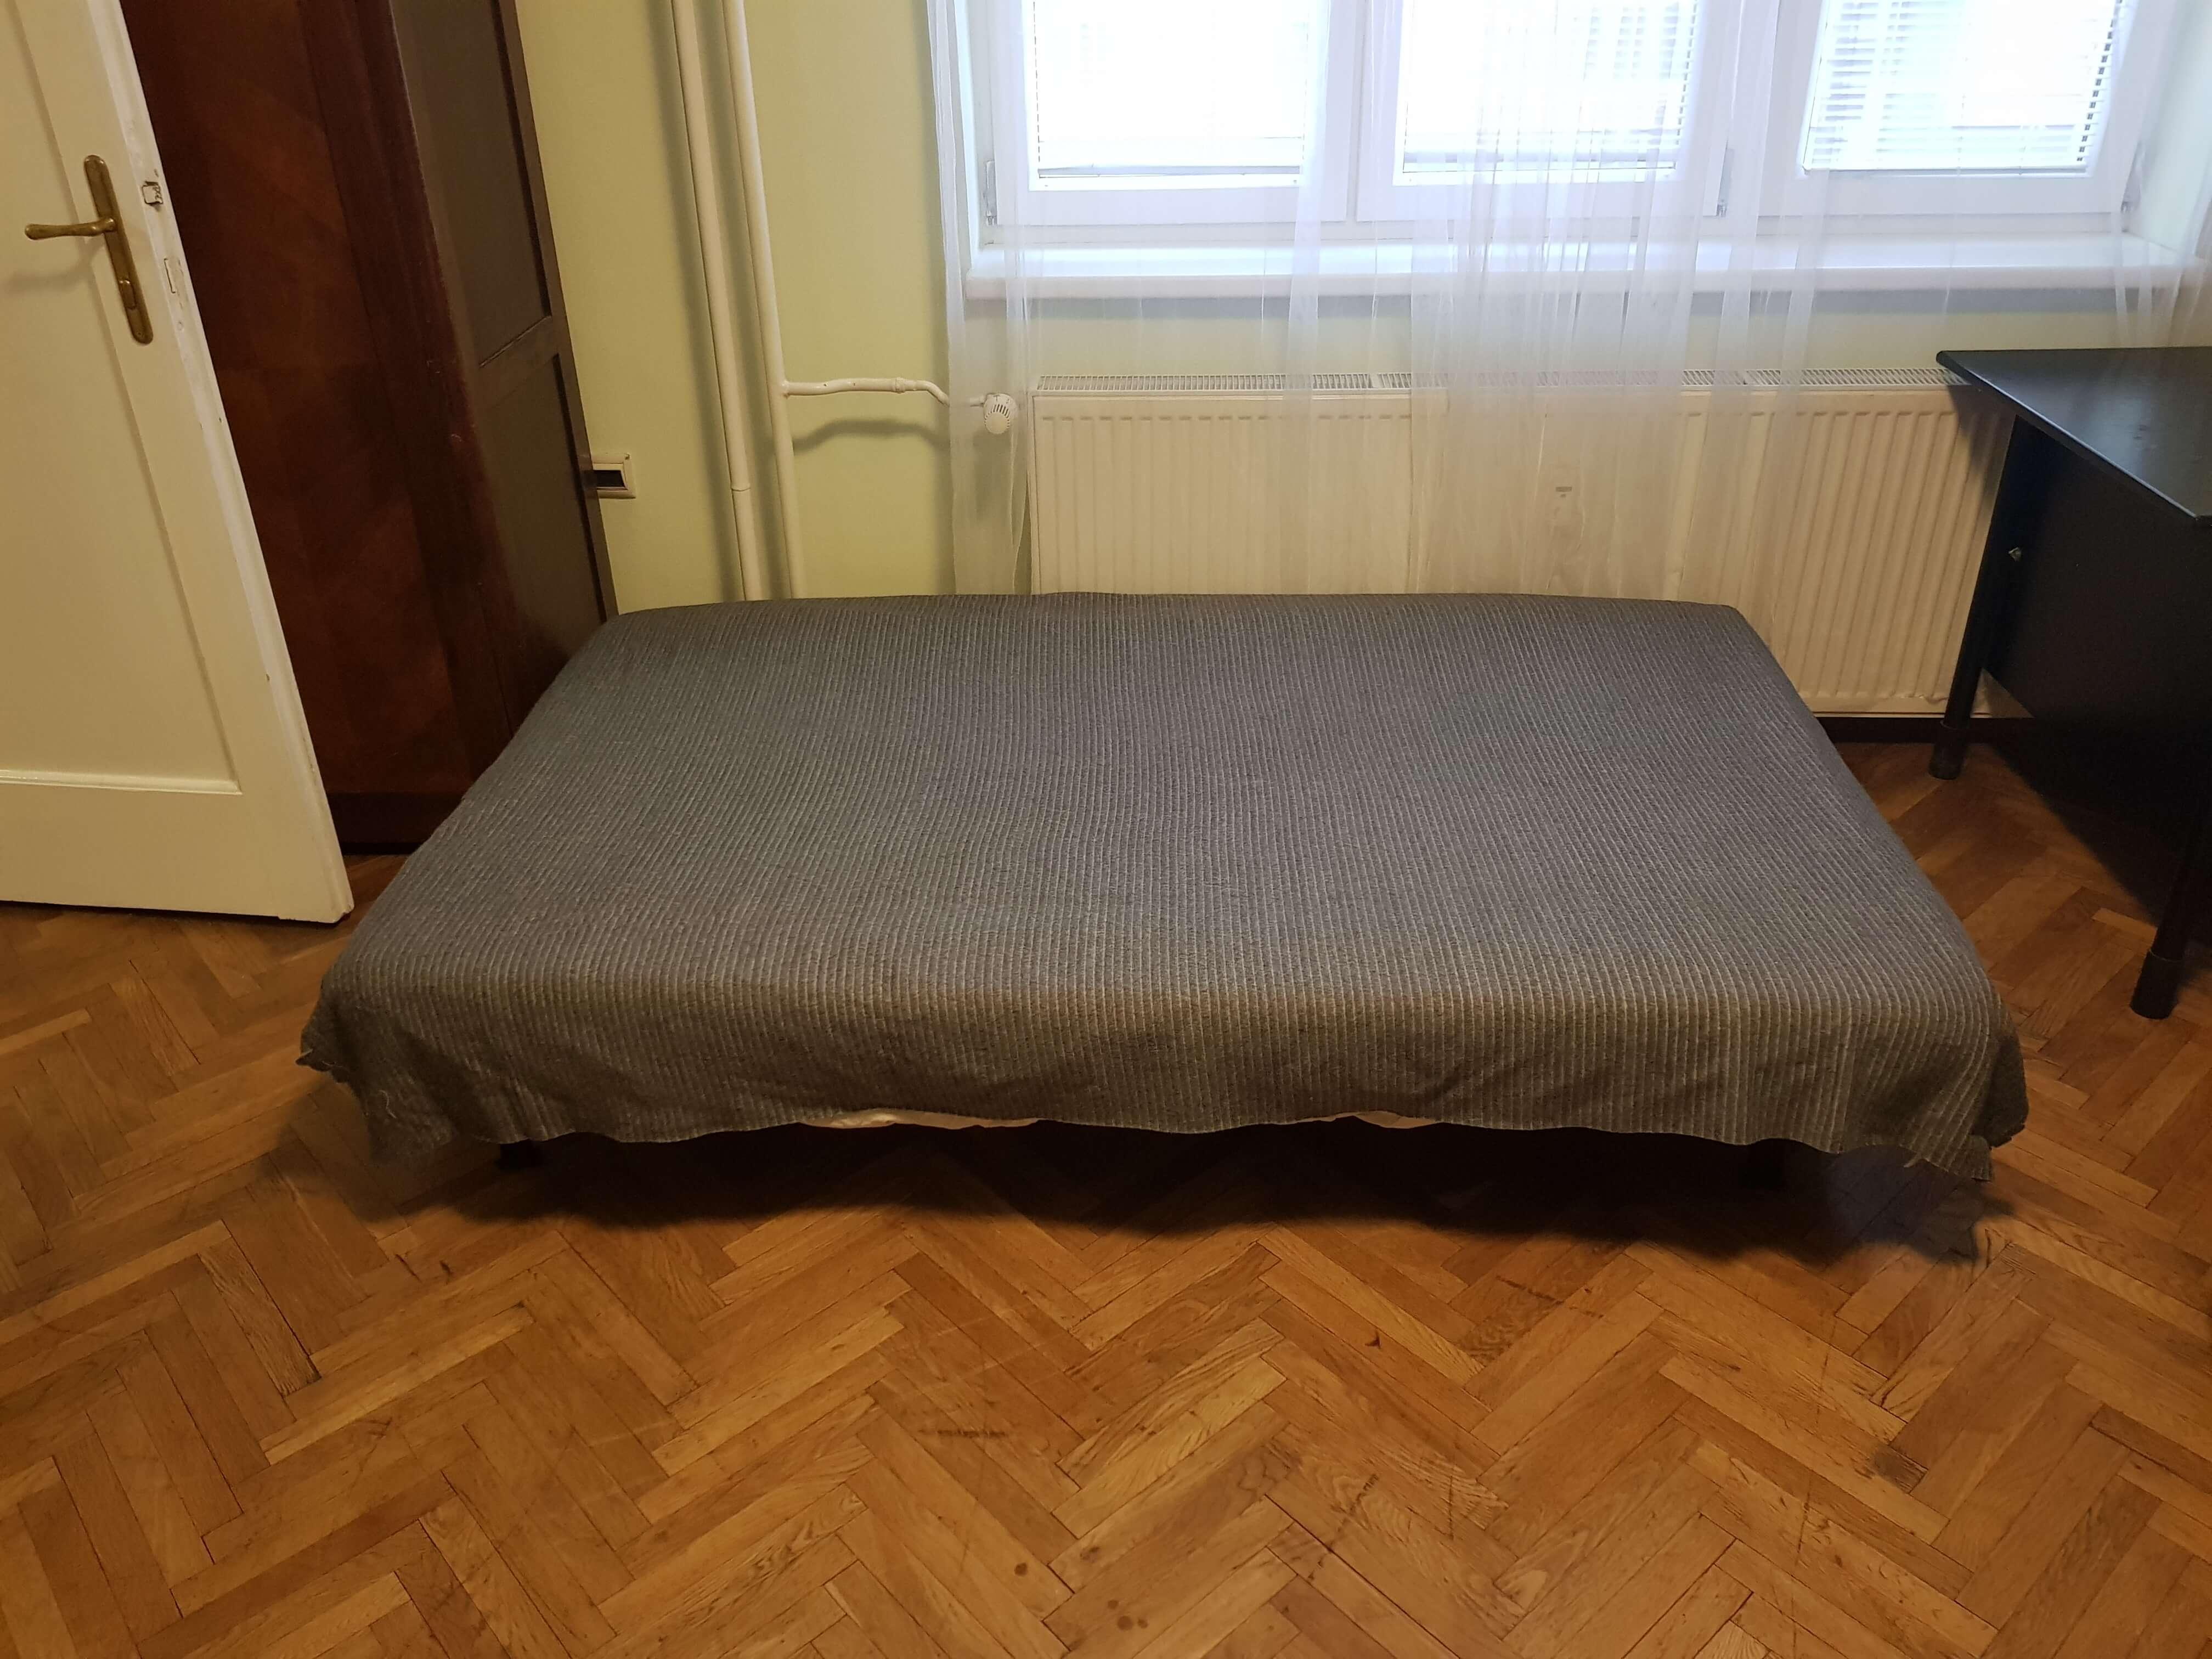 Predané: Predaj exkluzívneho 2 izb. bytu, staré mesto, Šancová ulica, Bratislava, 75m2, kompletne zariadený-26